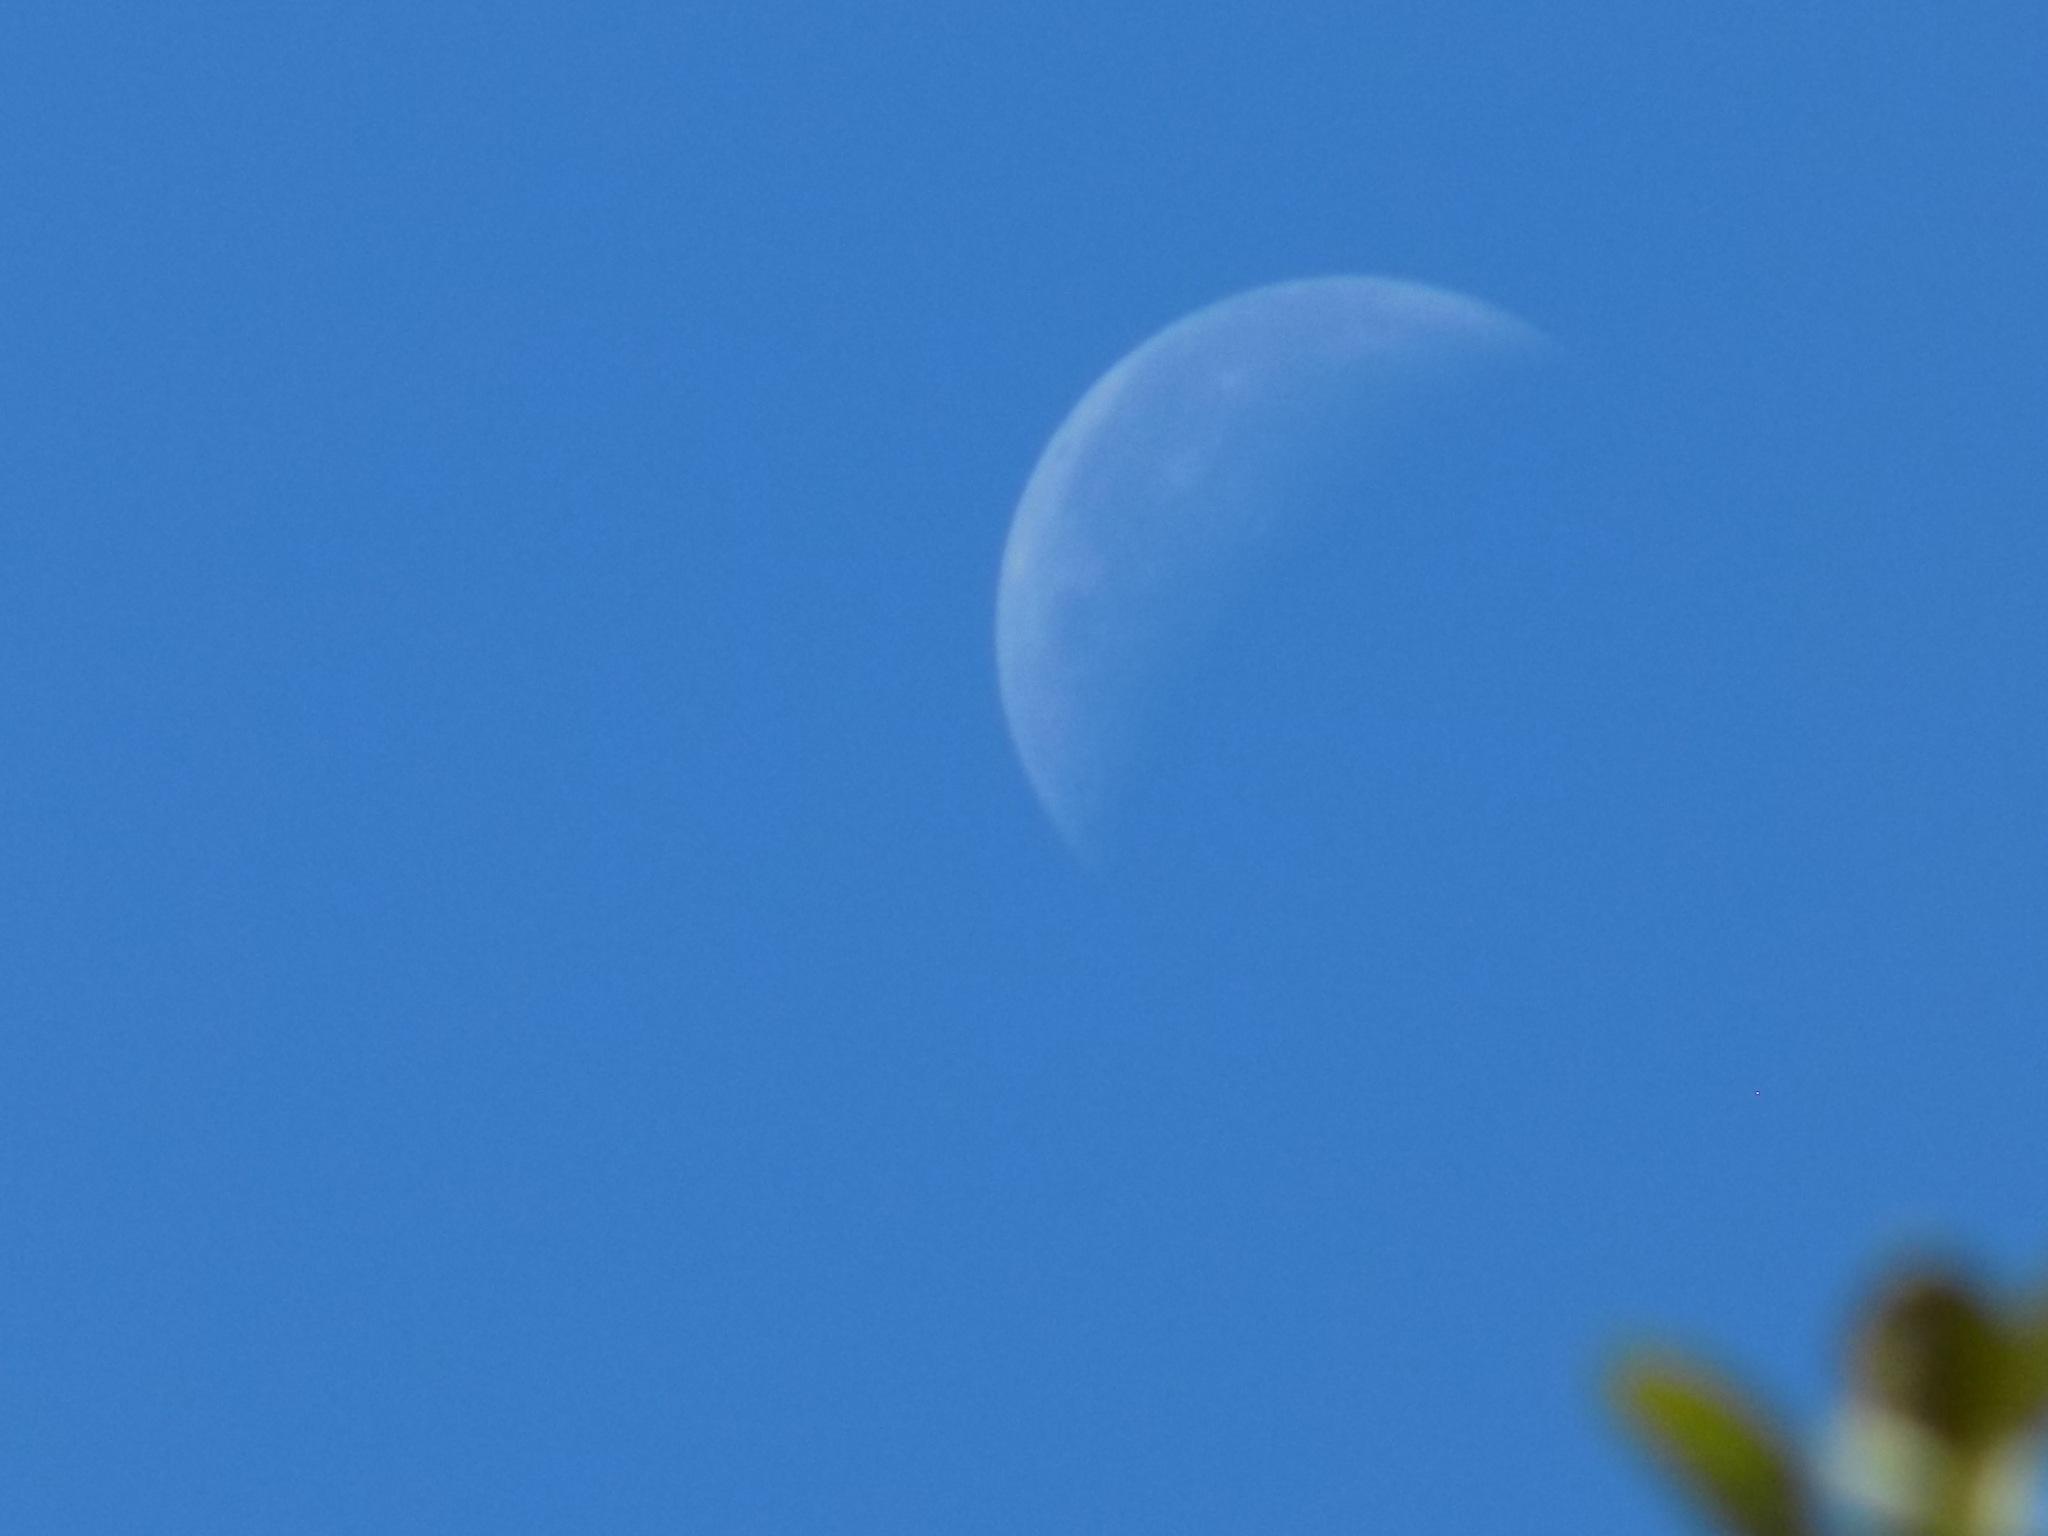 Moon by uzkuraitiene62